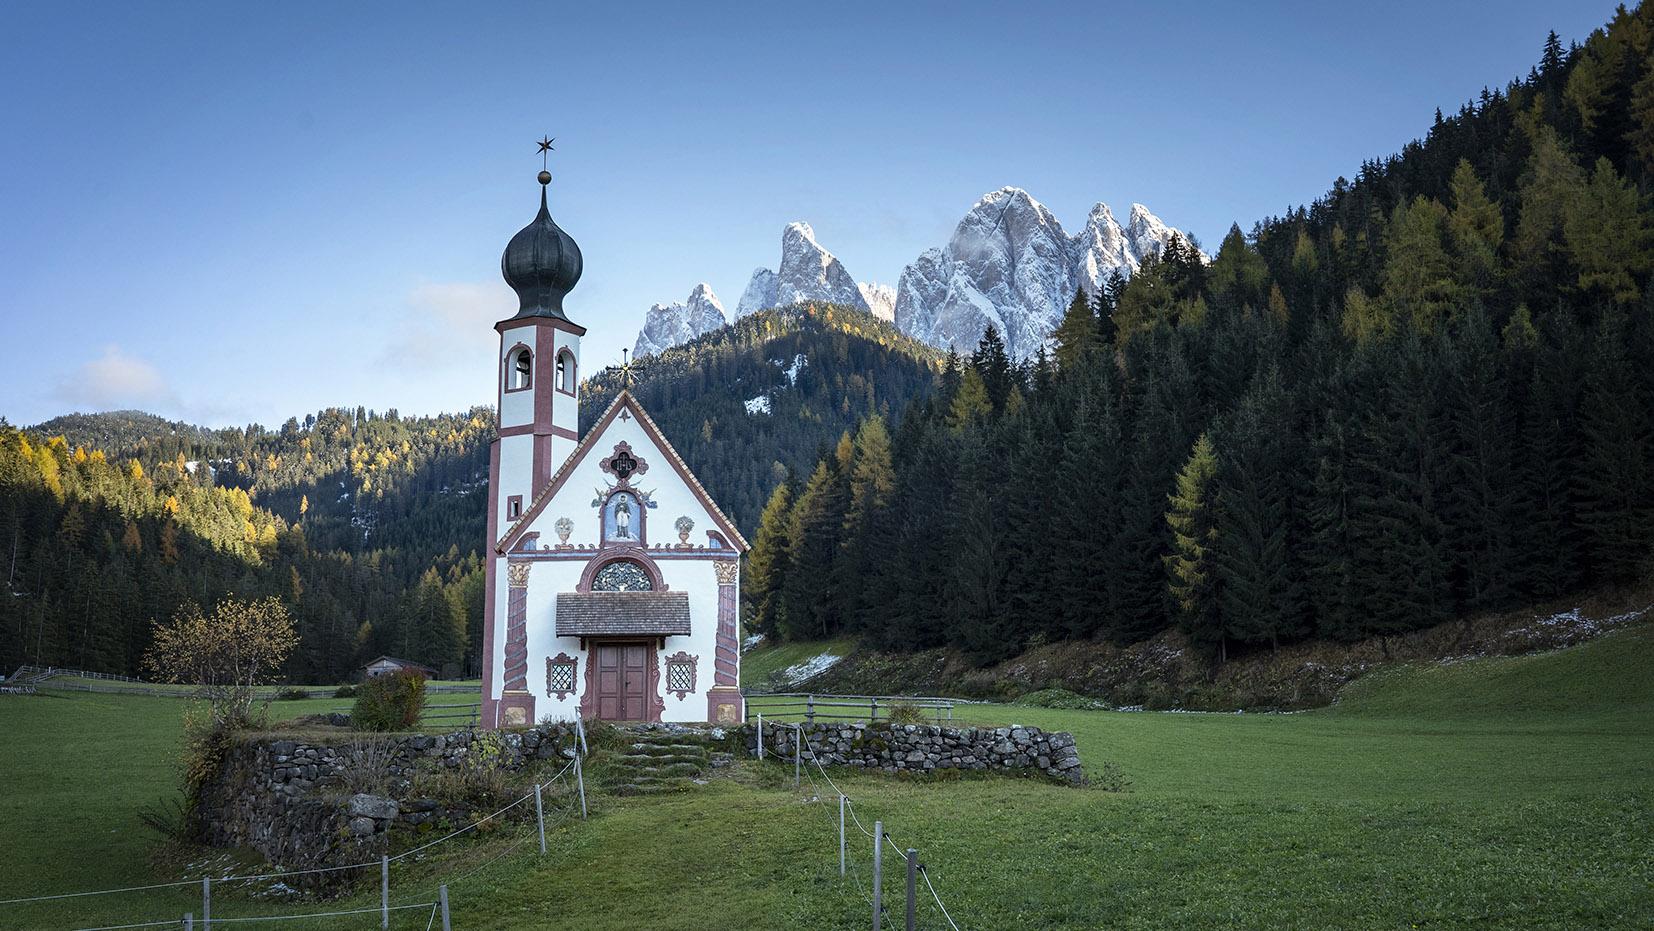 Une semaine dans les Dolomites église SanGiovanni Italie dôme sapins automne montagnes neige